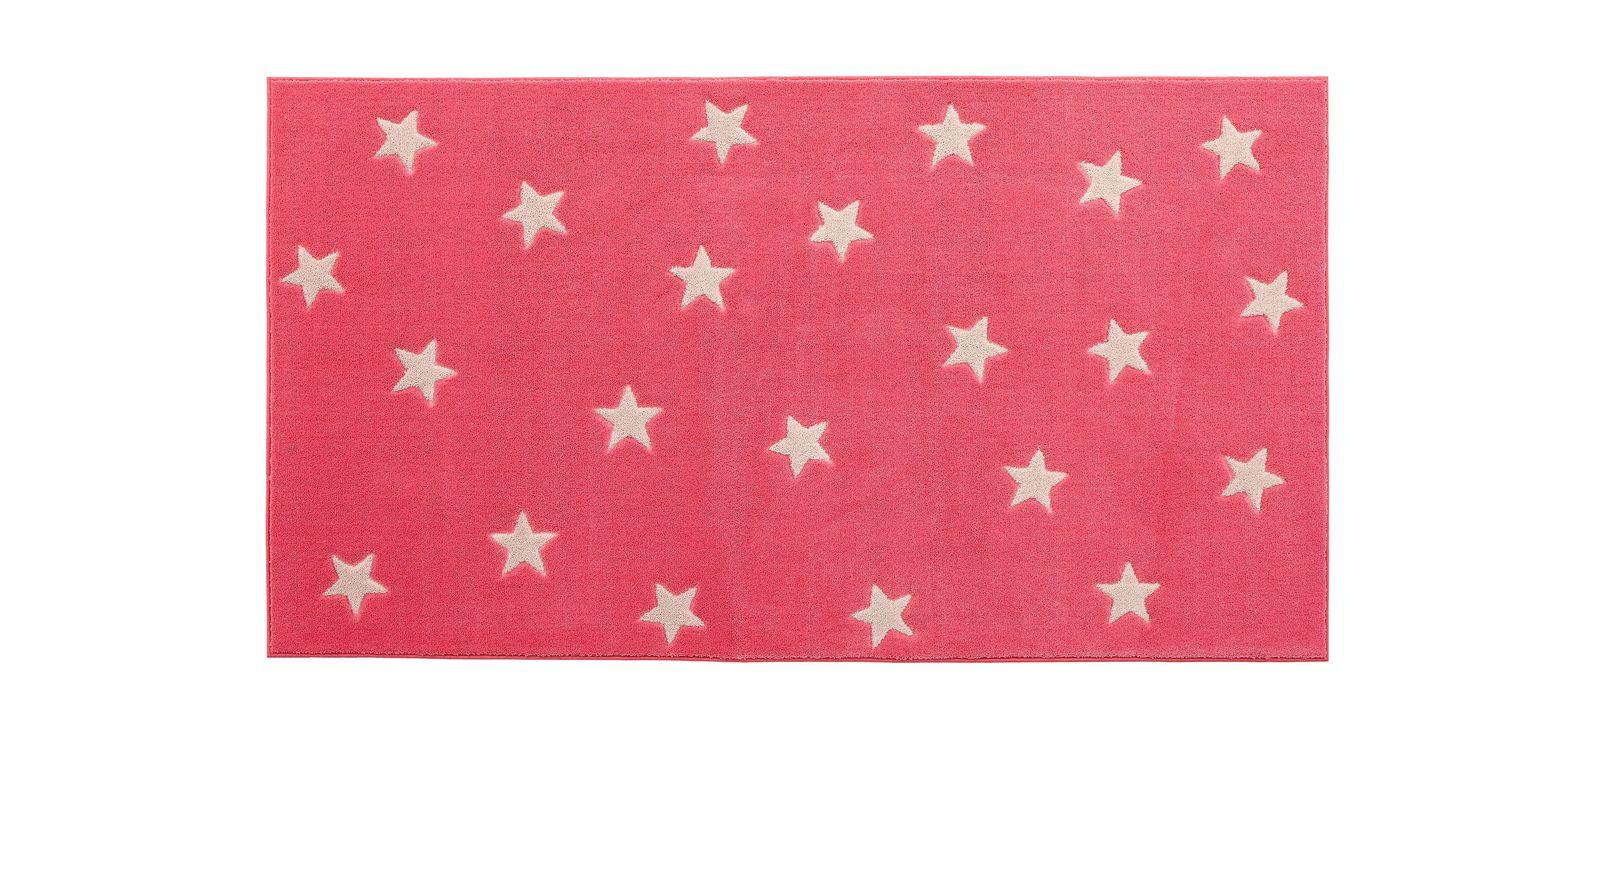 LIFEETIME Teppich Sterne in der Farbe pink